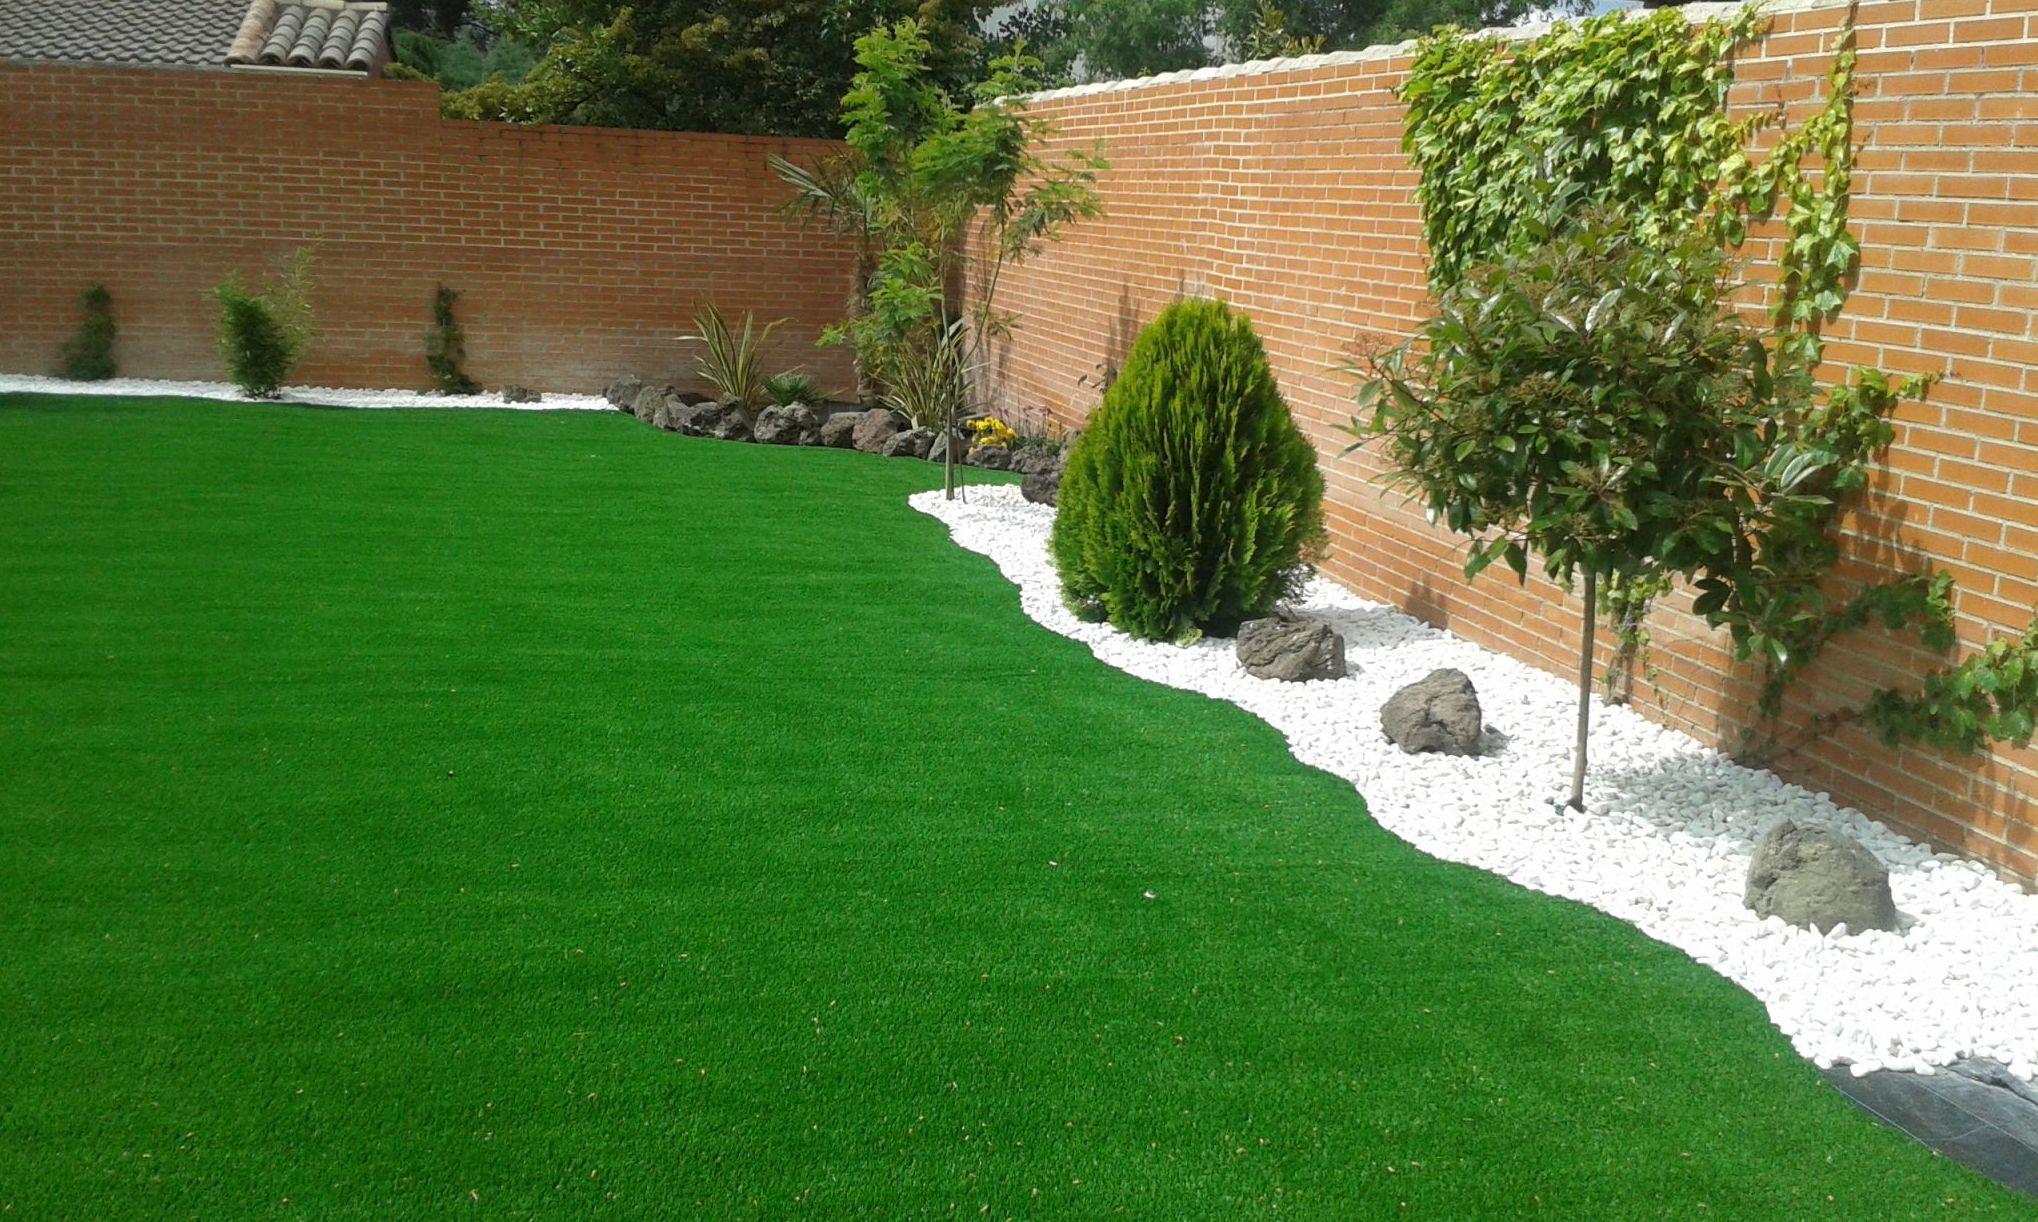 Diseño y mantenimiento de jardines en Boadilla del Monte: Jardinería ...